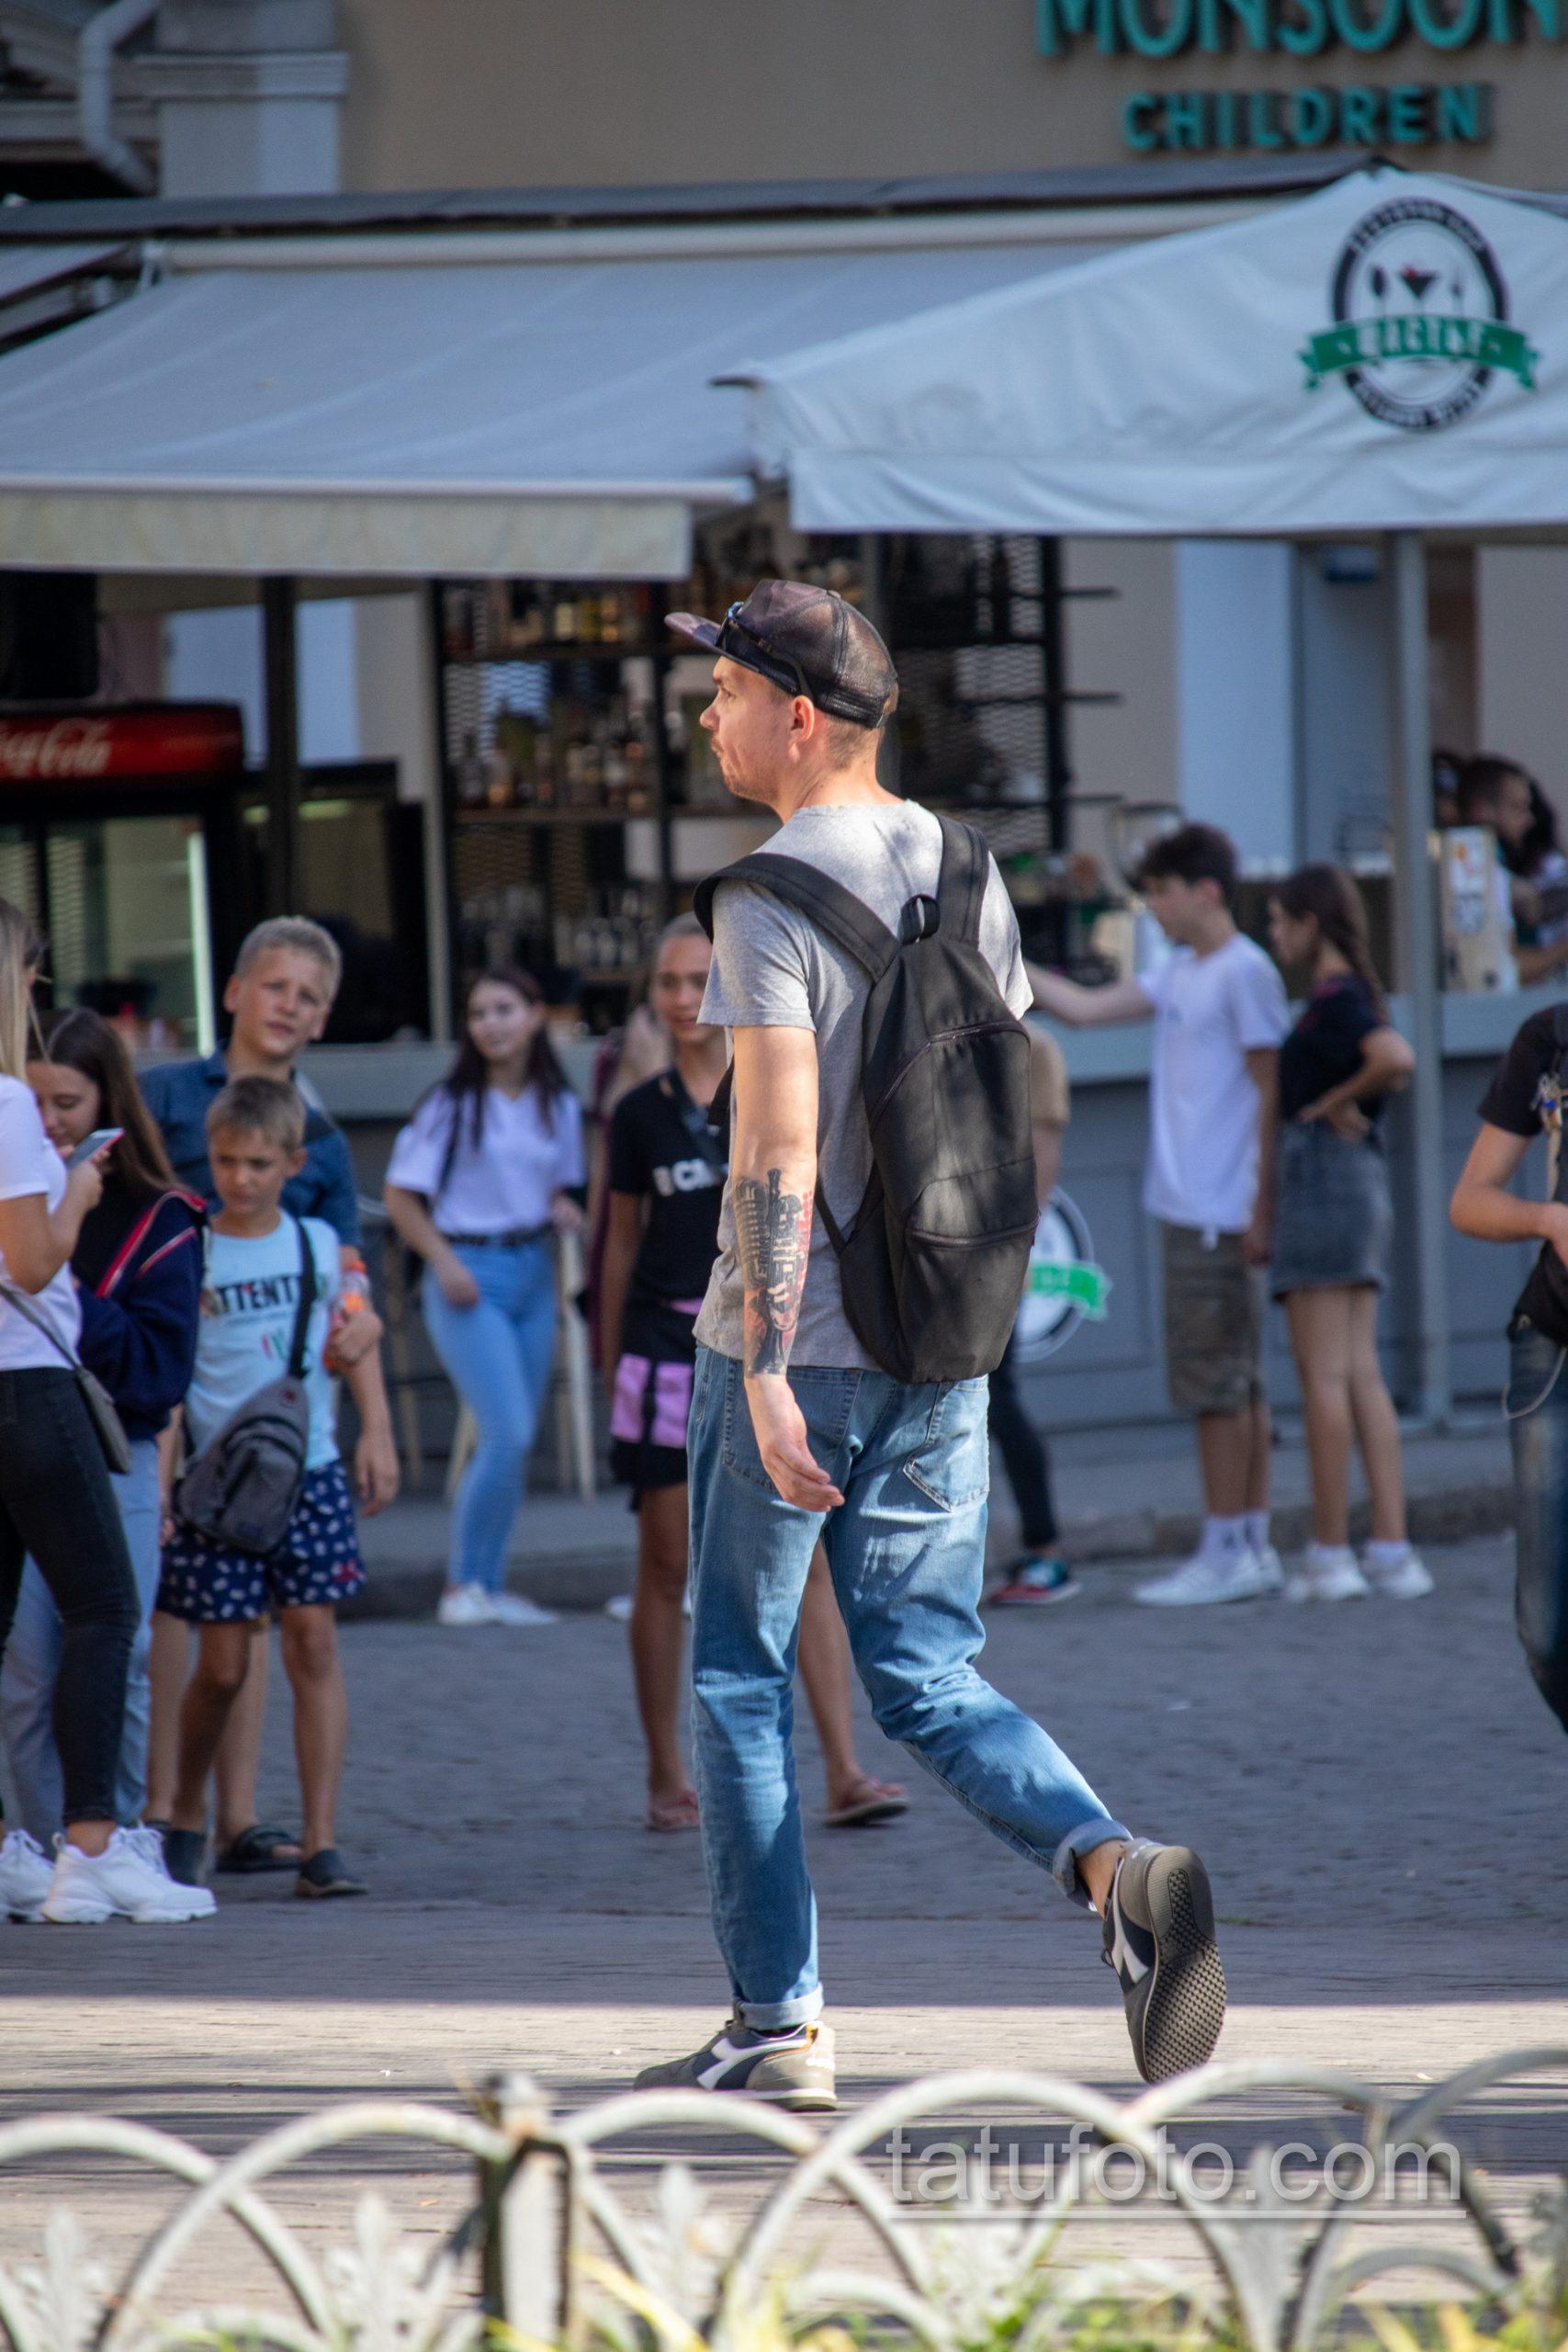 Черно-красная музыкальная тату с трубой и микрофоном на правой руке парня - Уличная татуировка 14.09.2020 – tatufoto.com 3